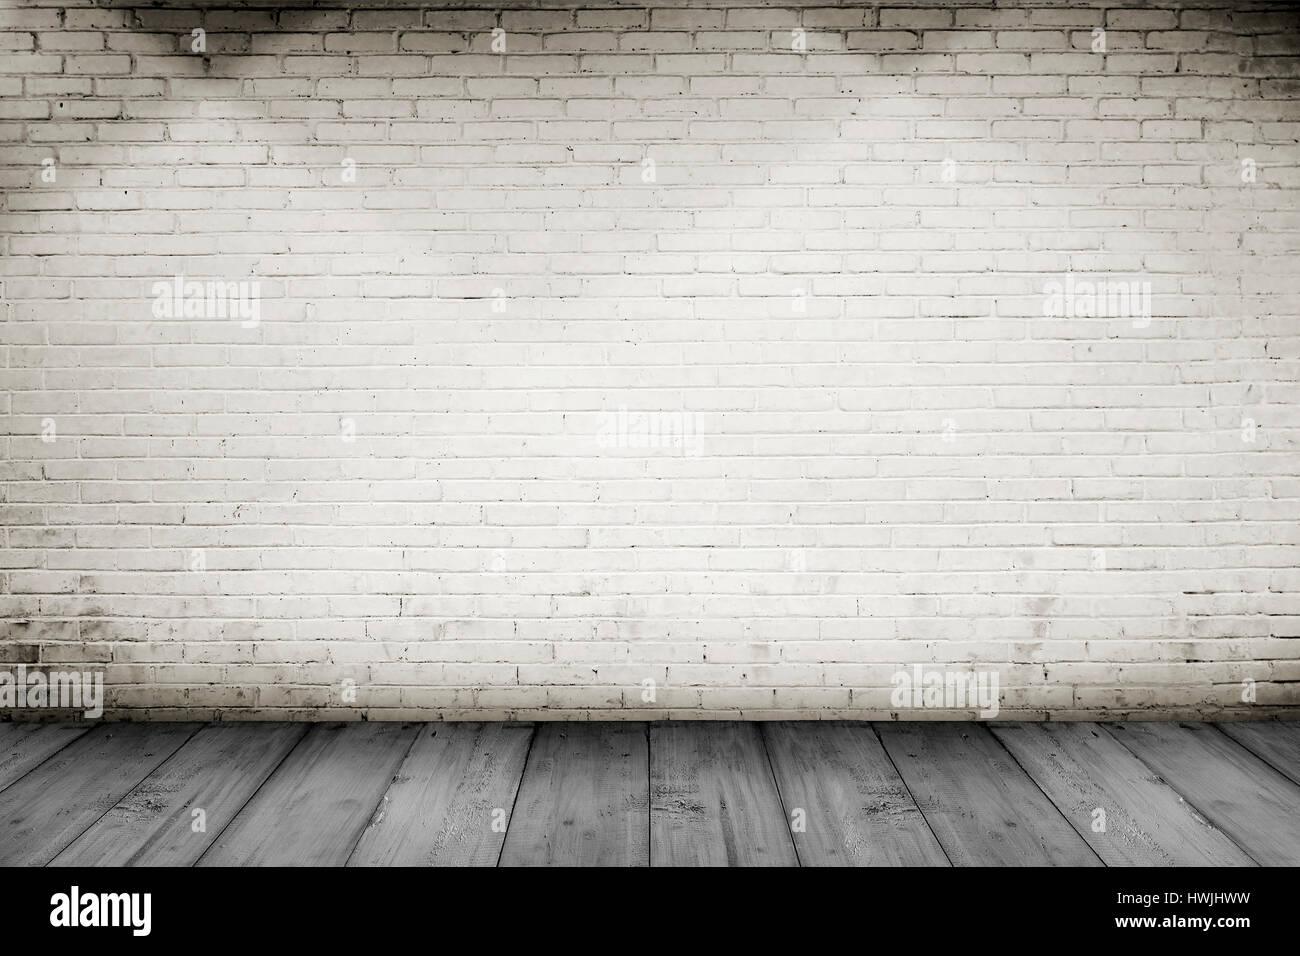 Zimmer Innen Jahrgang Mit Weiße Ziegel Wand Und Holz Boden Hintergrund